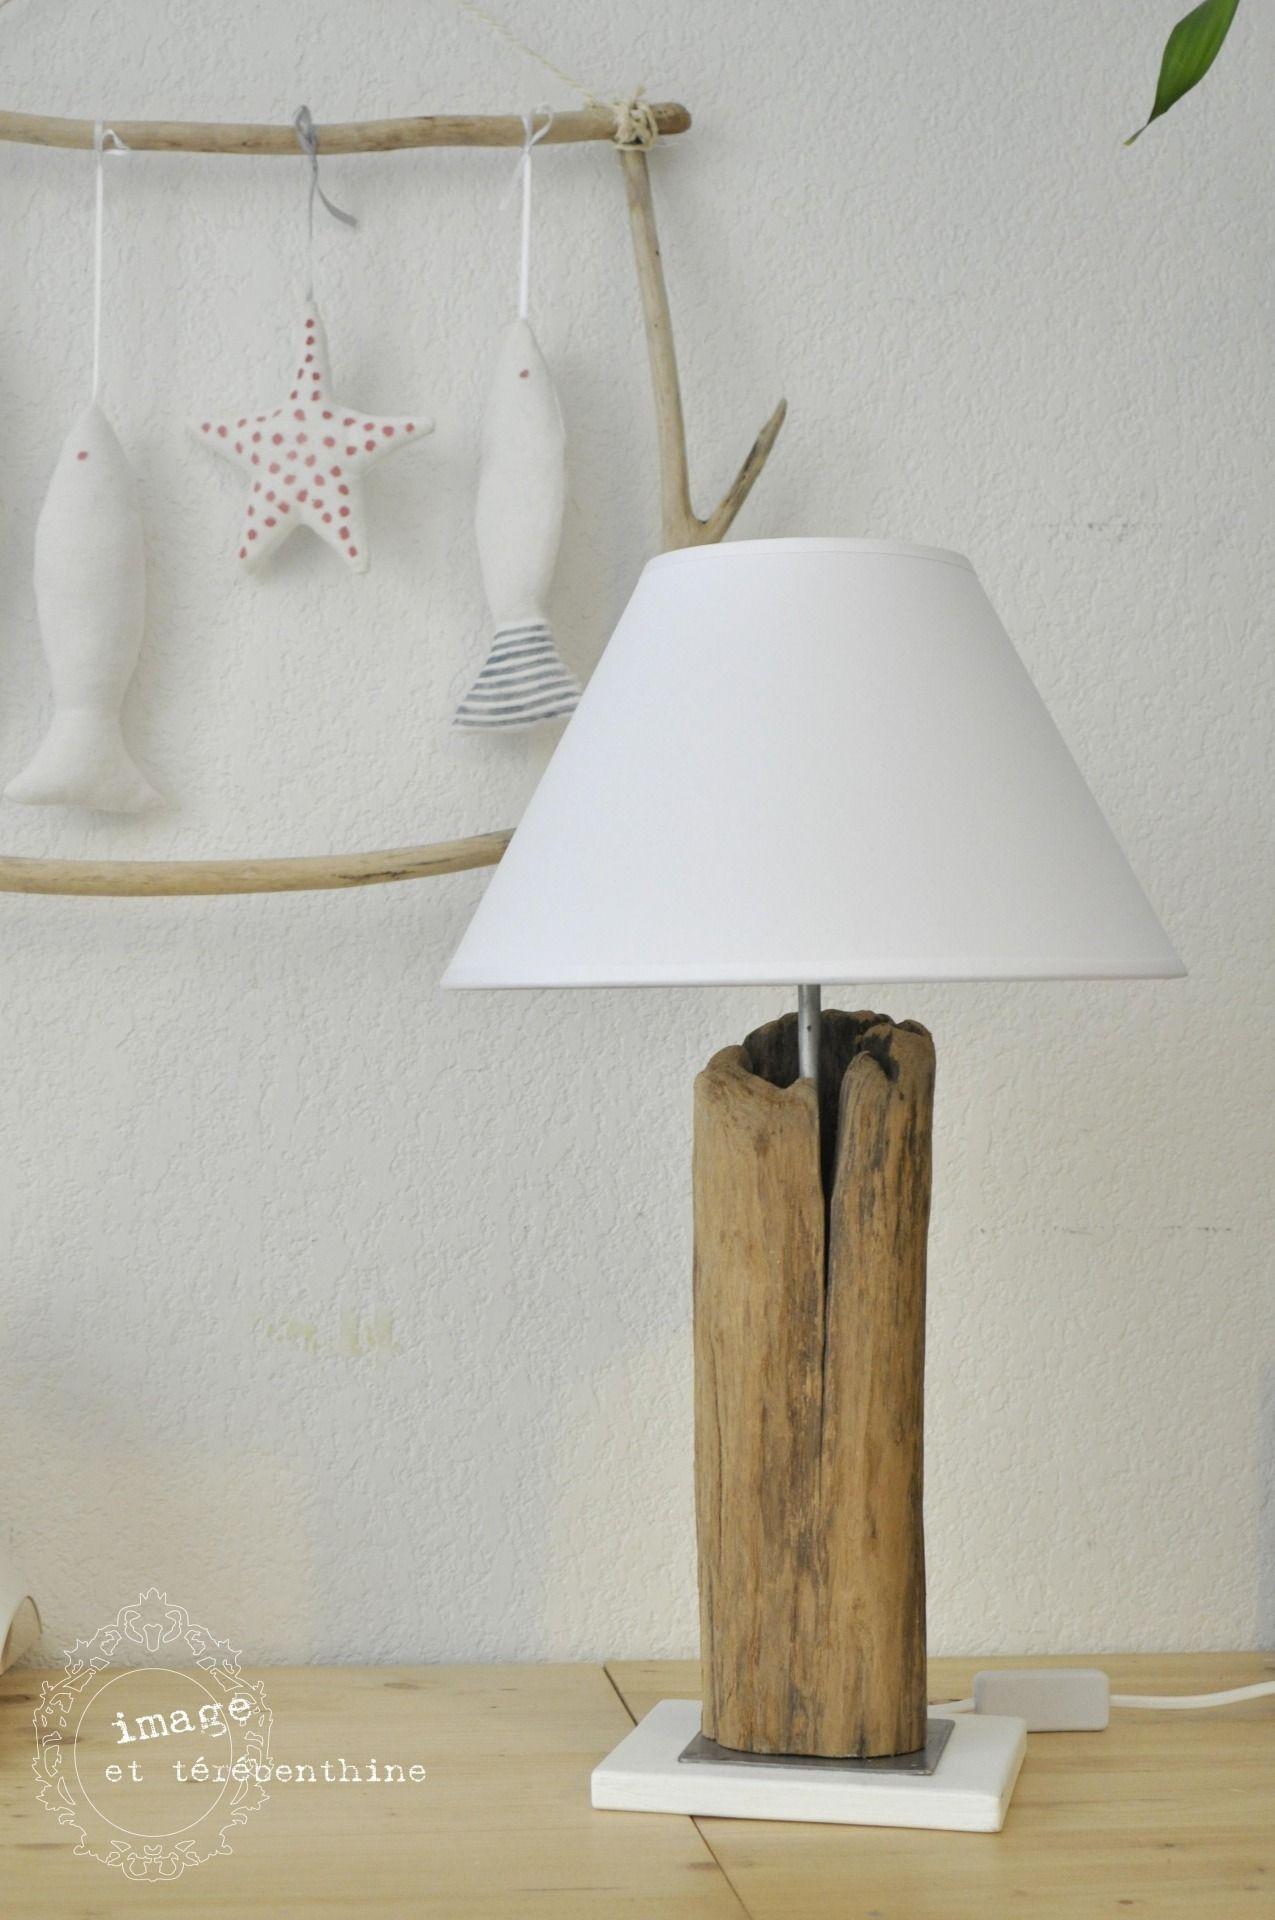 Lampe A Poser En Bois Flotte Sur Socle En Metal Lampe Bois Lampe Bois Flotte